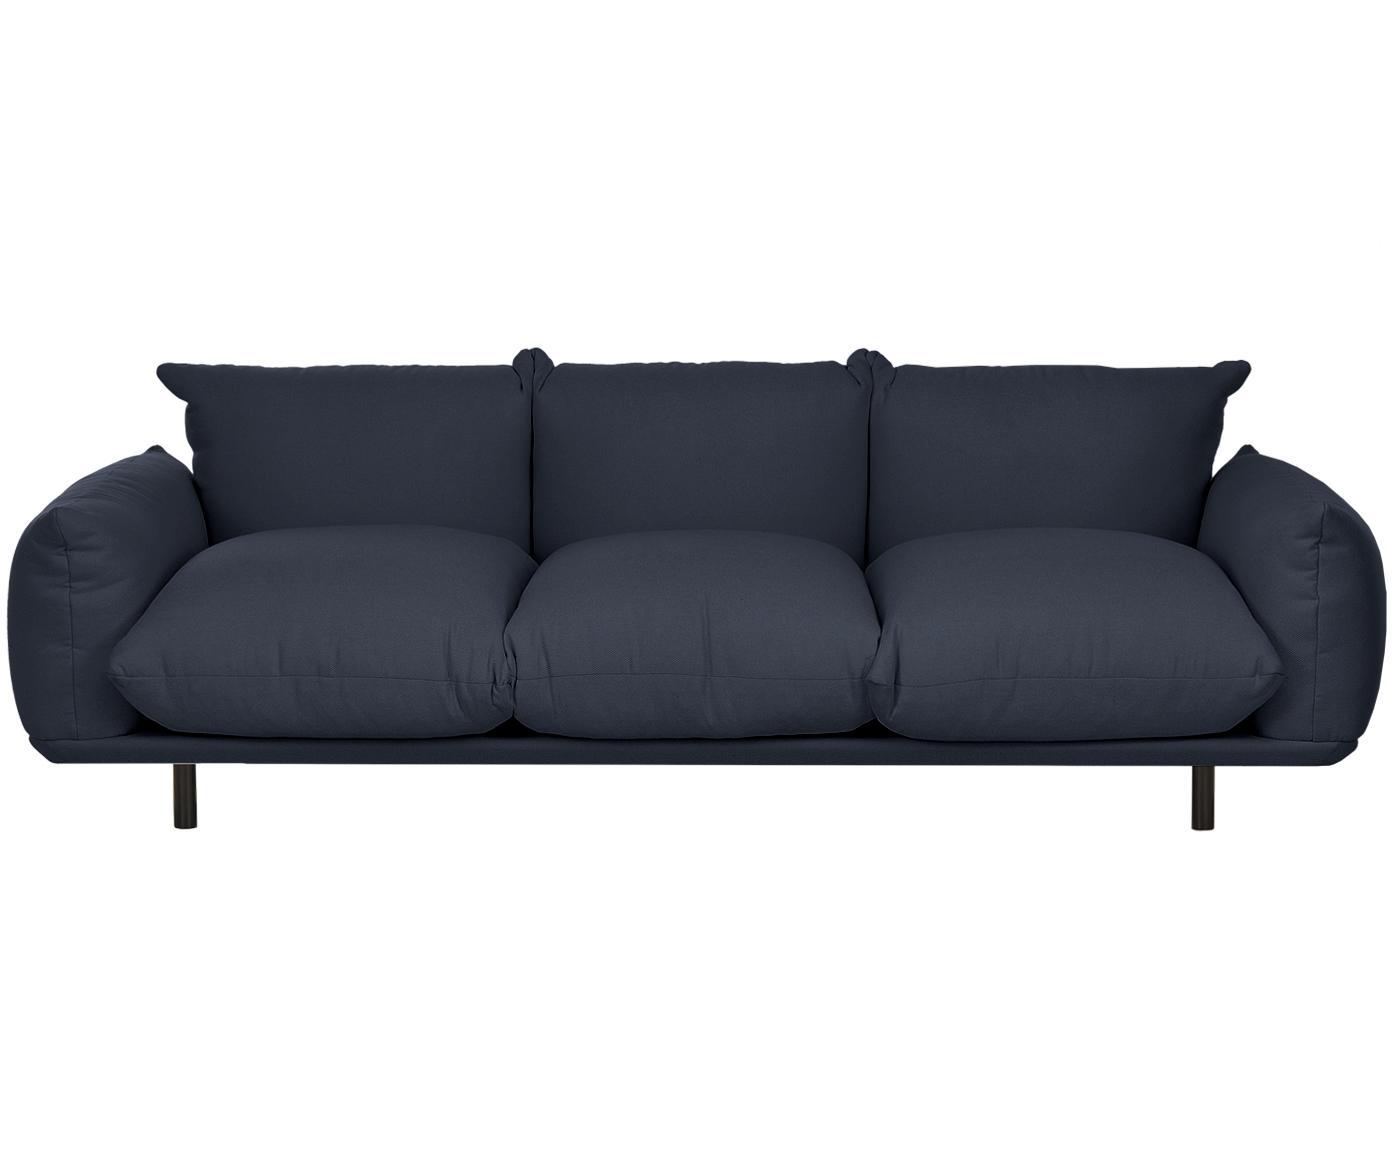 Sofa Saga (4-osobowa), Tapicerka: 100% poliester 35 000 cyk, Stelaż: lite drewno brzozowe, Nogi: metal malowany proszkowo, Ciemny niebieski, S 232 x G 103 cm